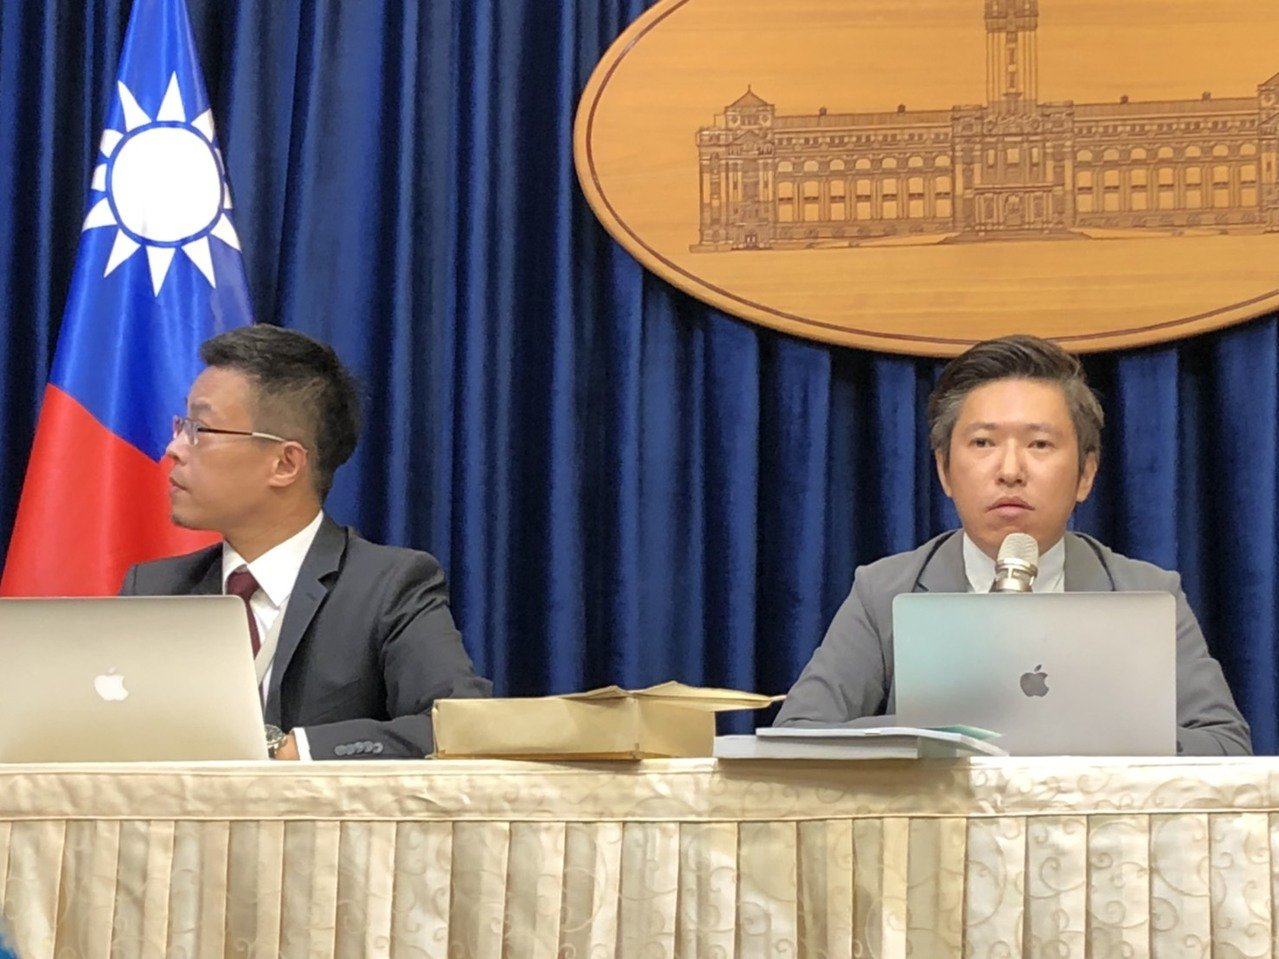 总统府发言人黄重谚(左)及张惇涵(右)。记者潘姣琪/摄影